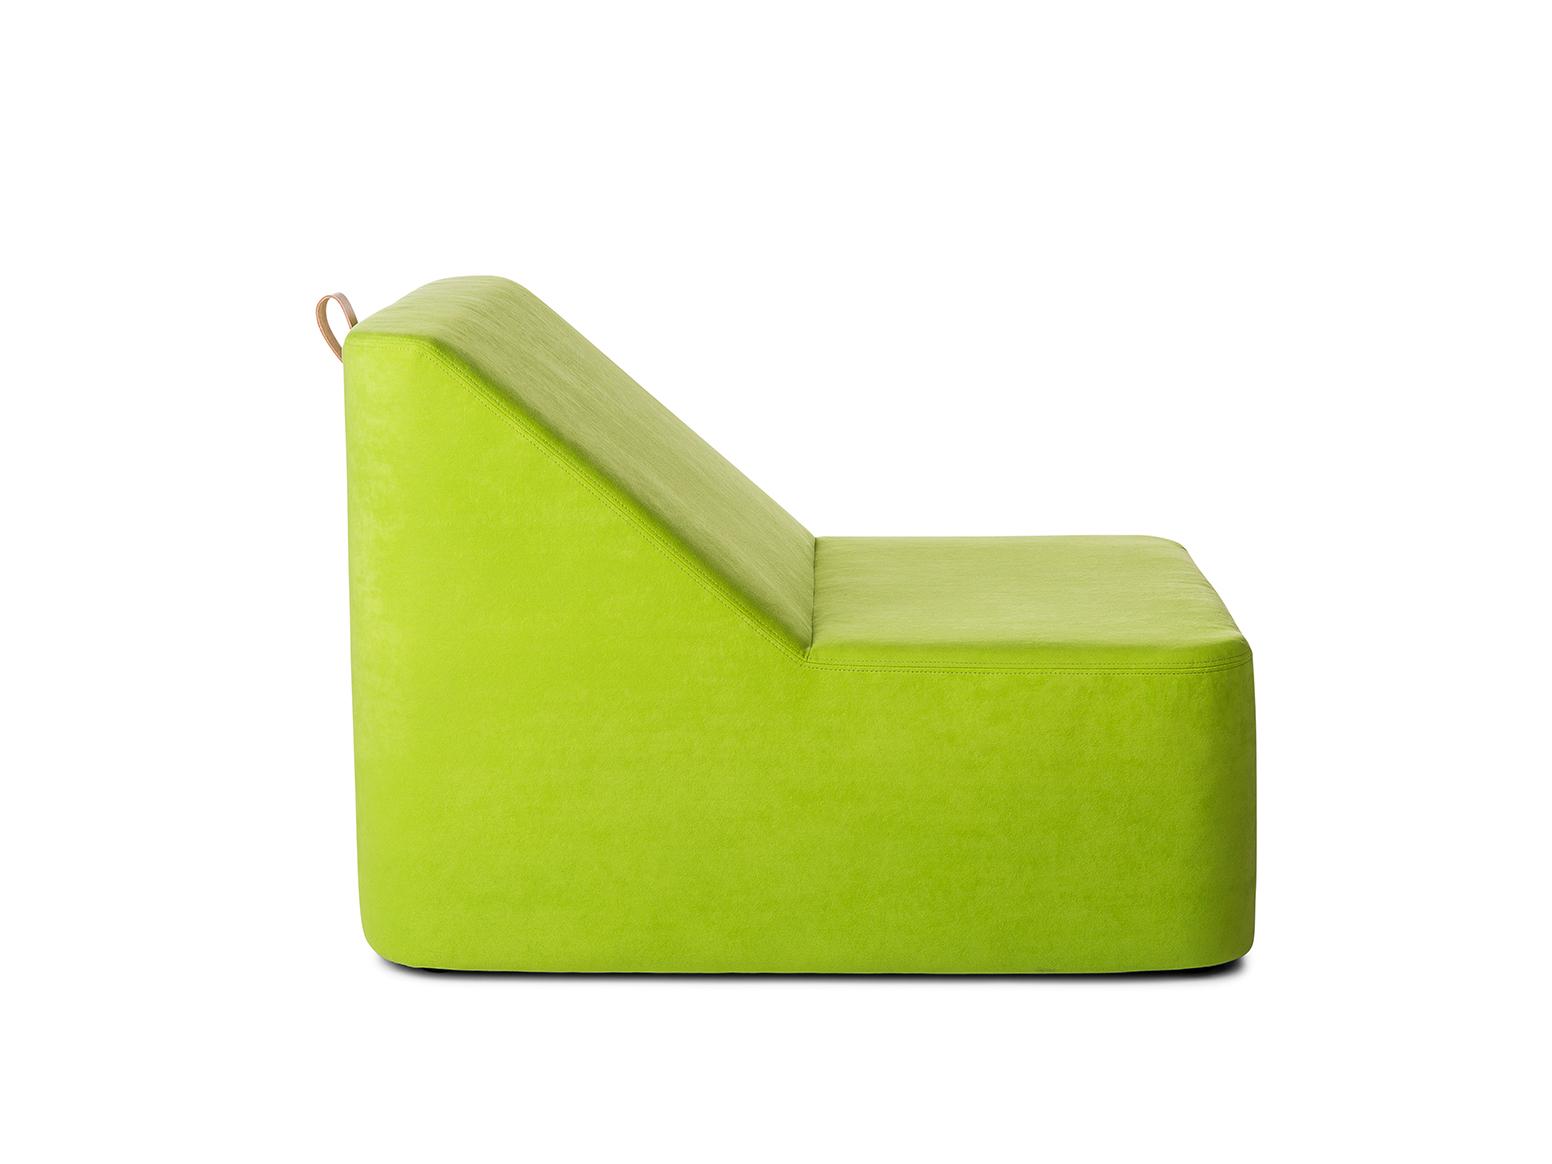 Boris green